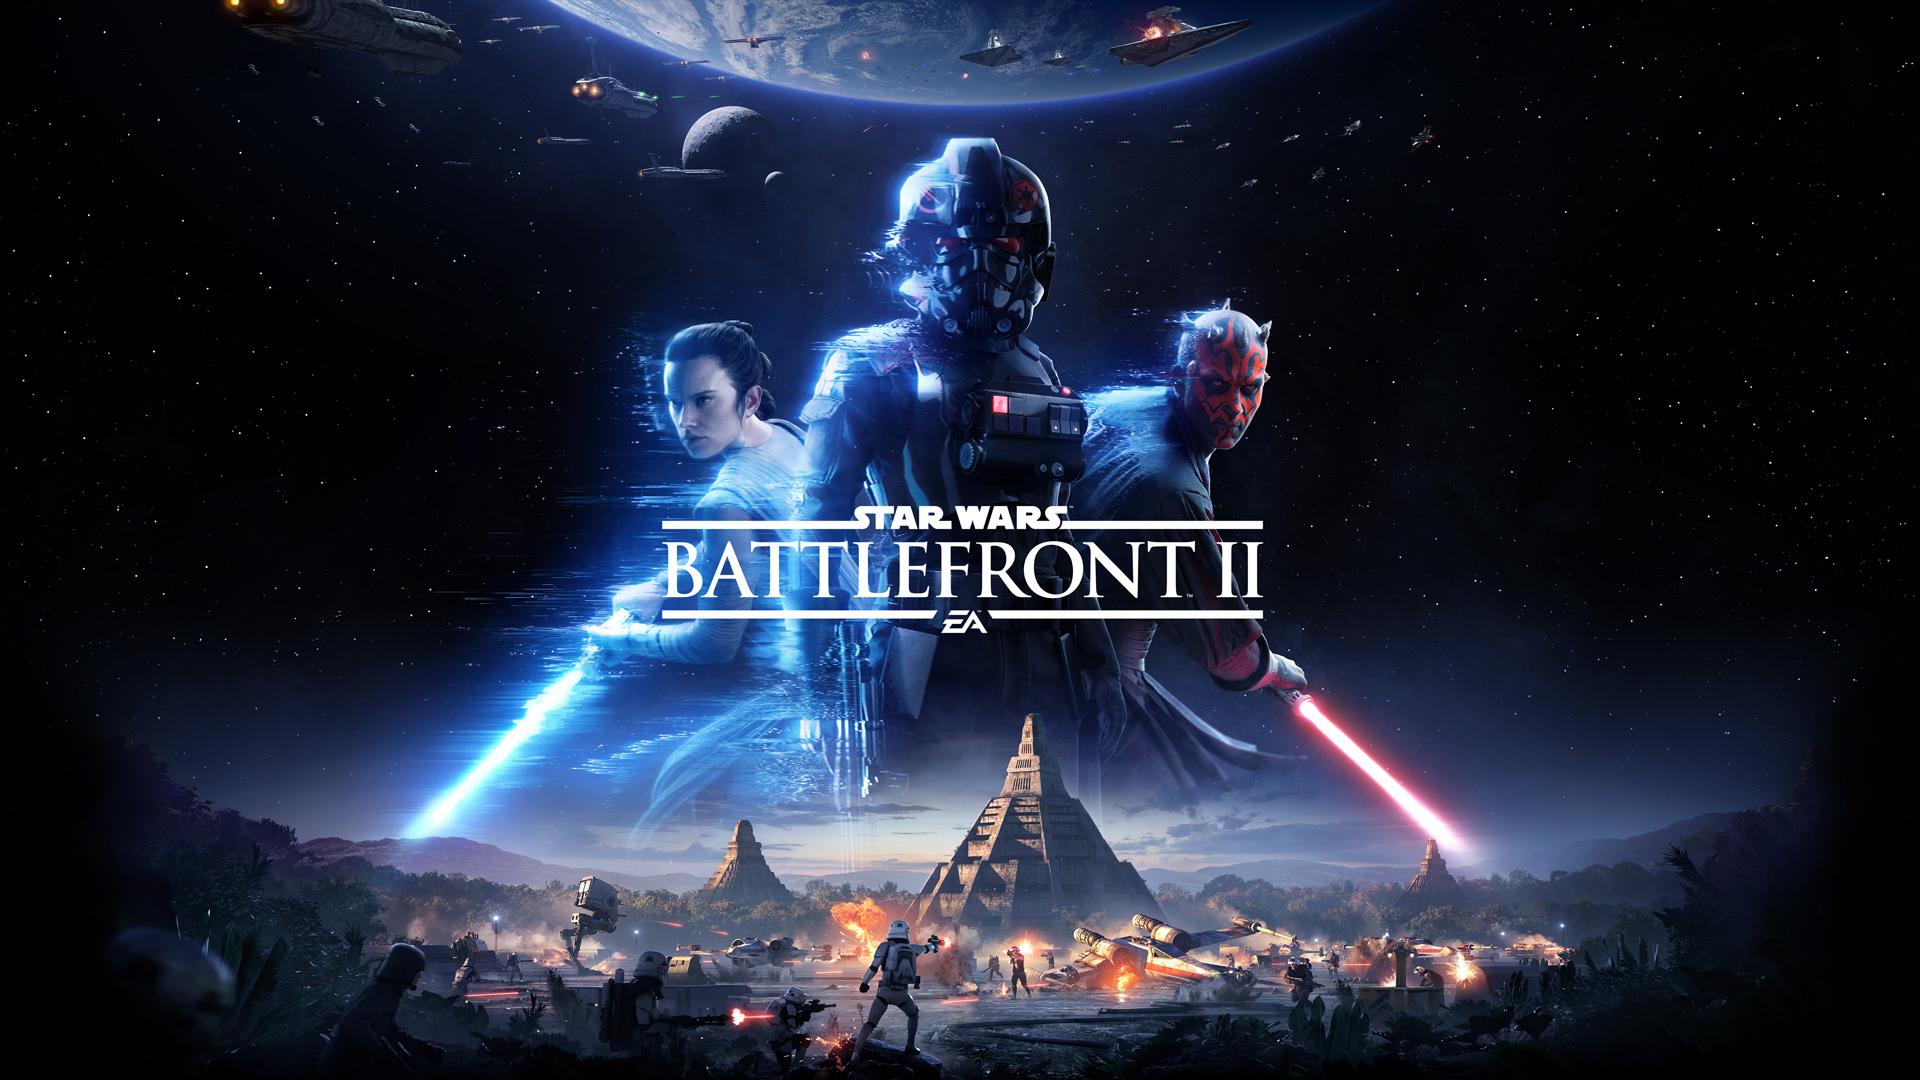 star wars ea battlefront 2 ii official hi res hd images 10 milners